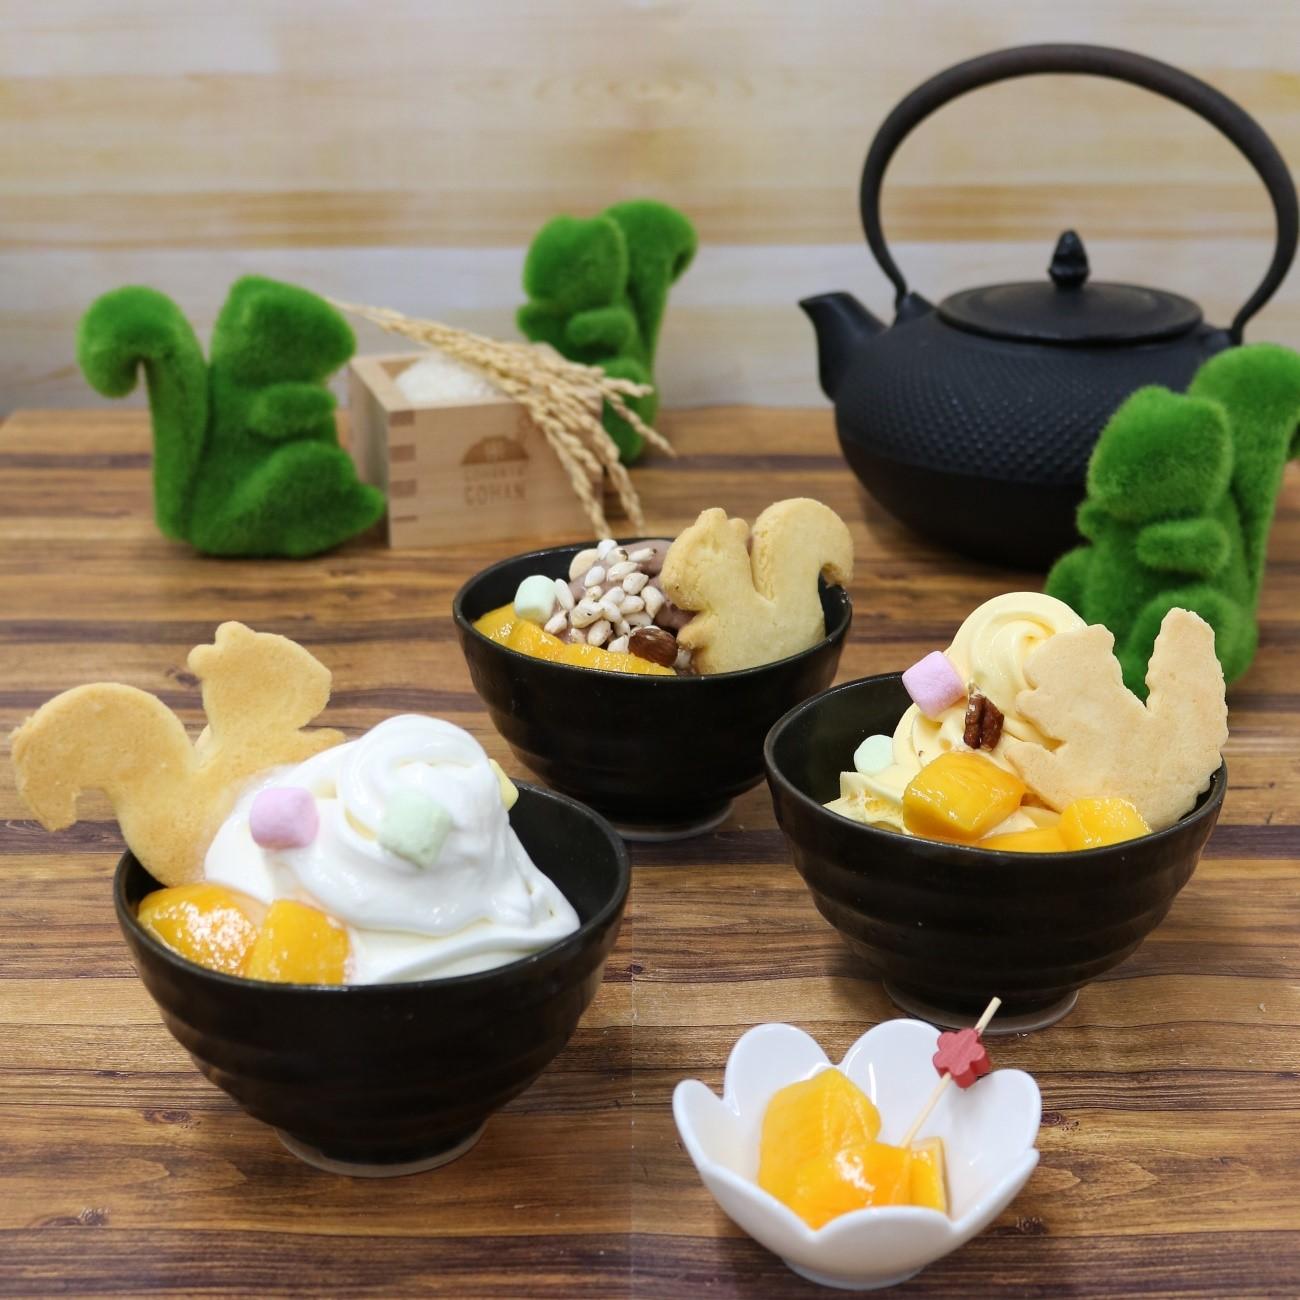 ミツハシライスと鎌倉女子大学がコラボレーション!お米を使った「夏にヒンヤリ!セルフパフェ」を2020... 画像